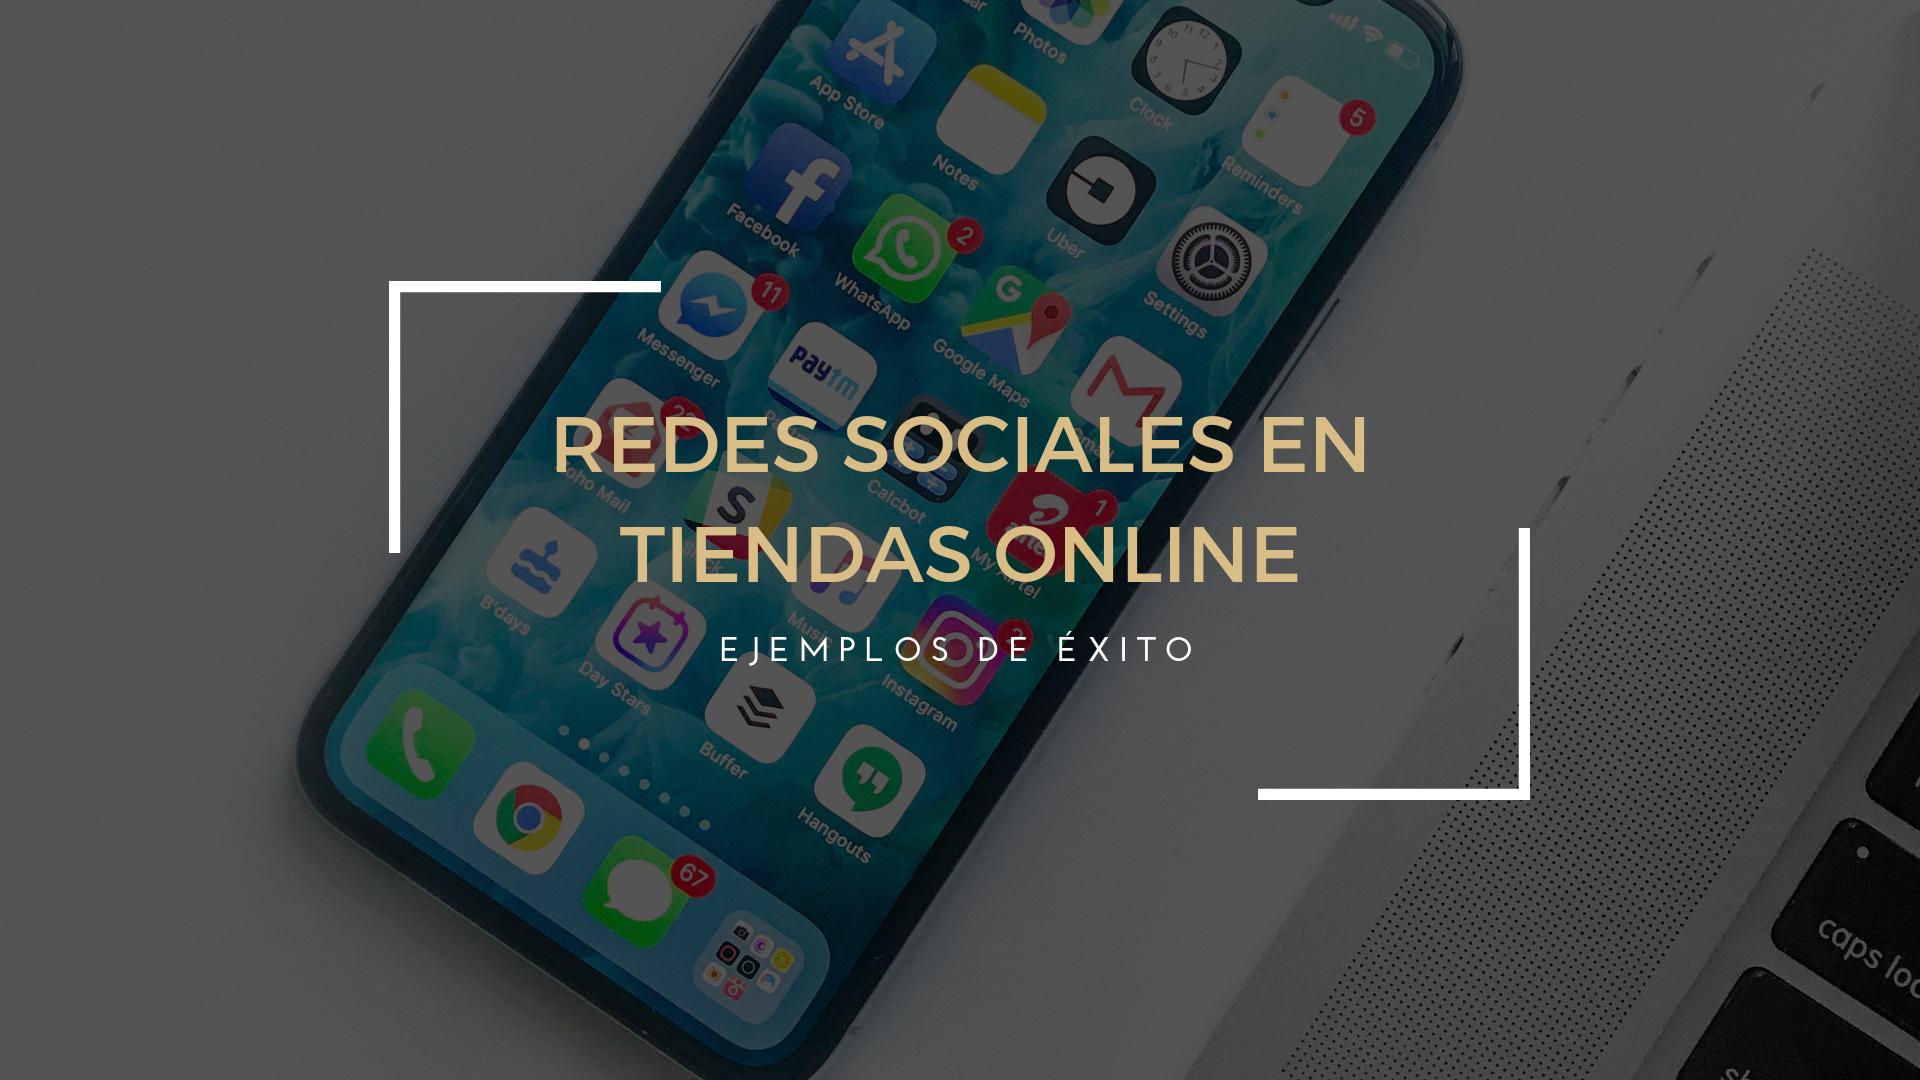 Redes sociales en tiendas online: ejemplo de éxito